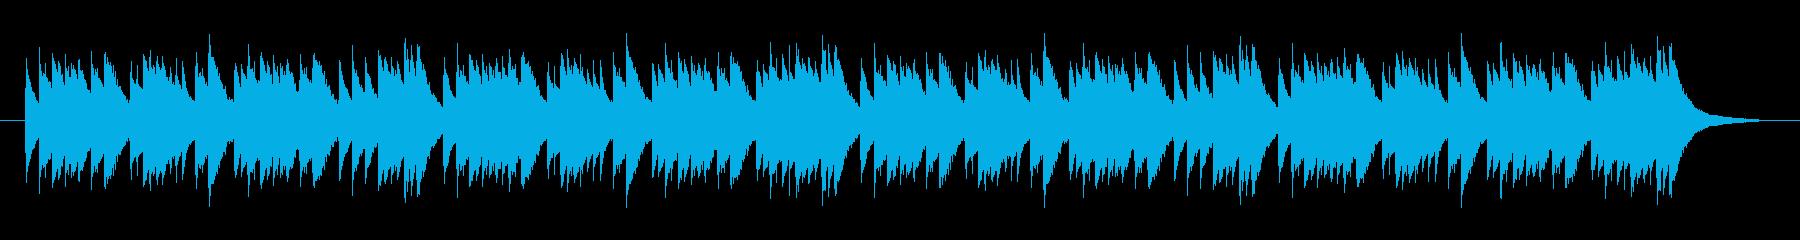 童謡☆どんぐりころころ☆オルゴールの再生済みの波形